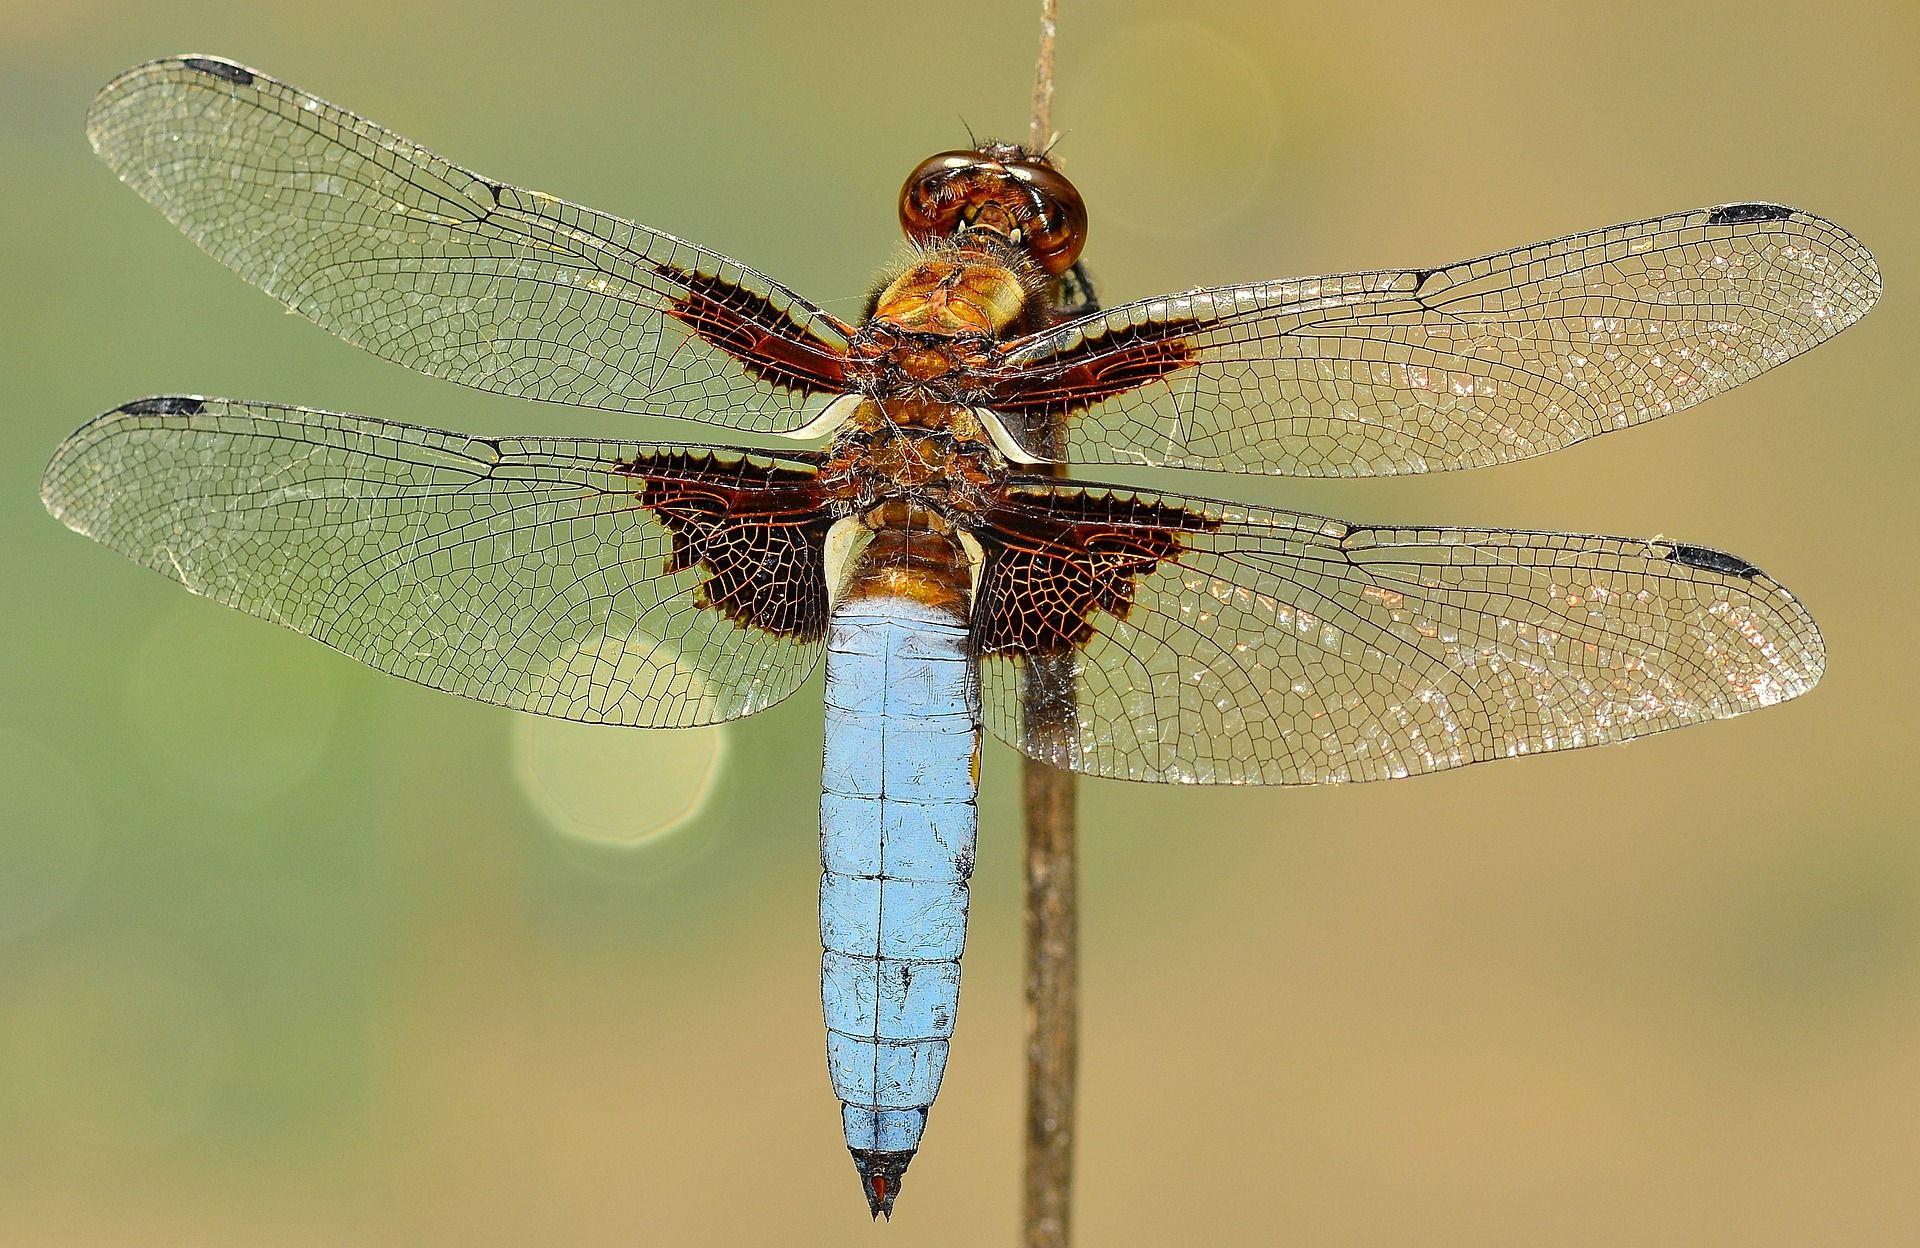 Гости программы Dragonfly узнают, где в Москве водятся редкие стрекозы